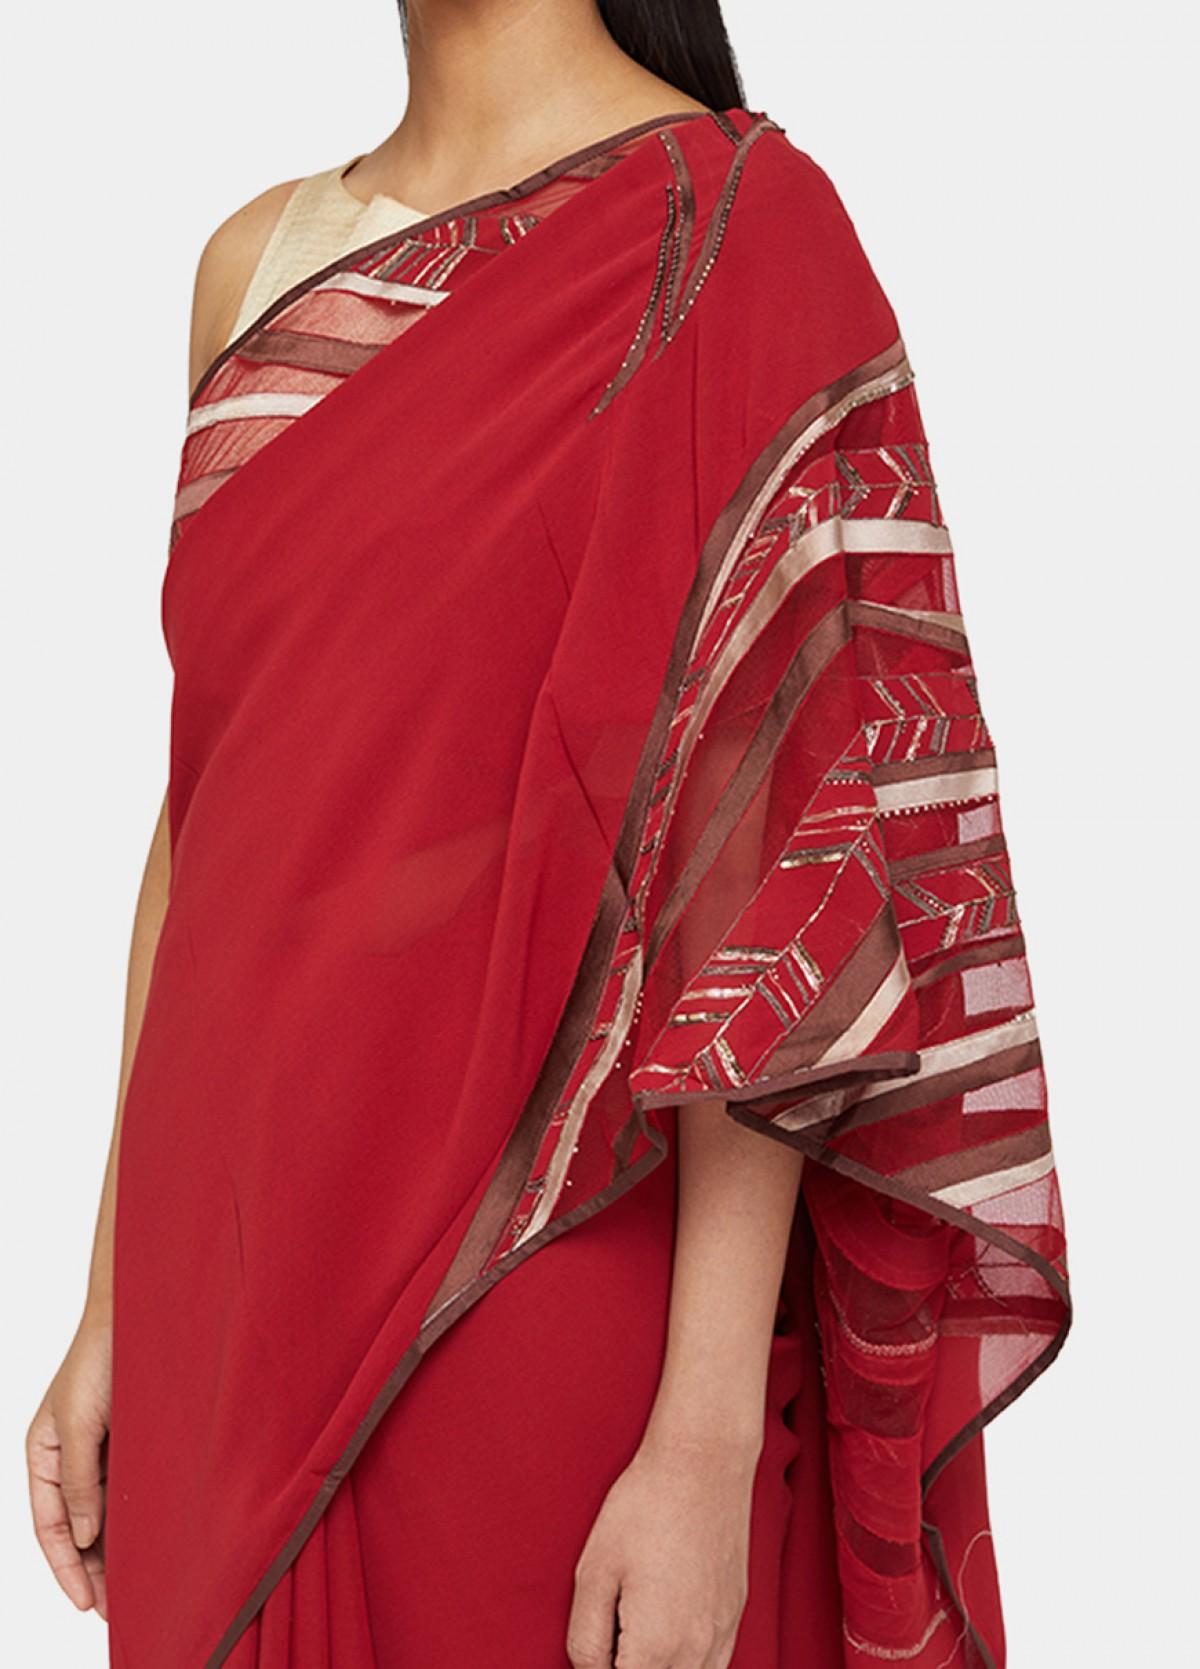 The Machhli Sari